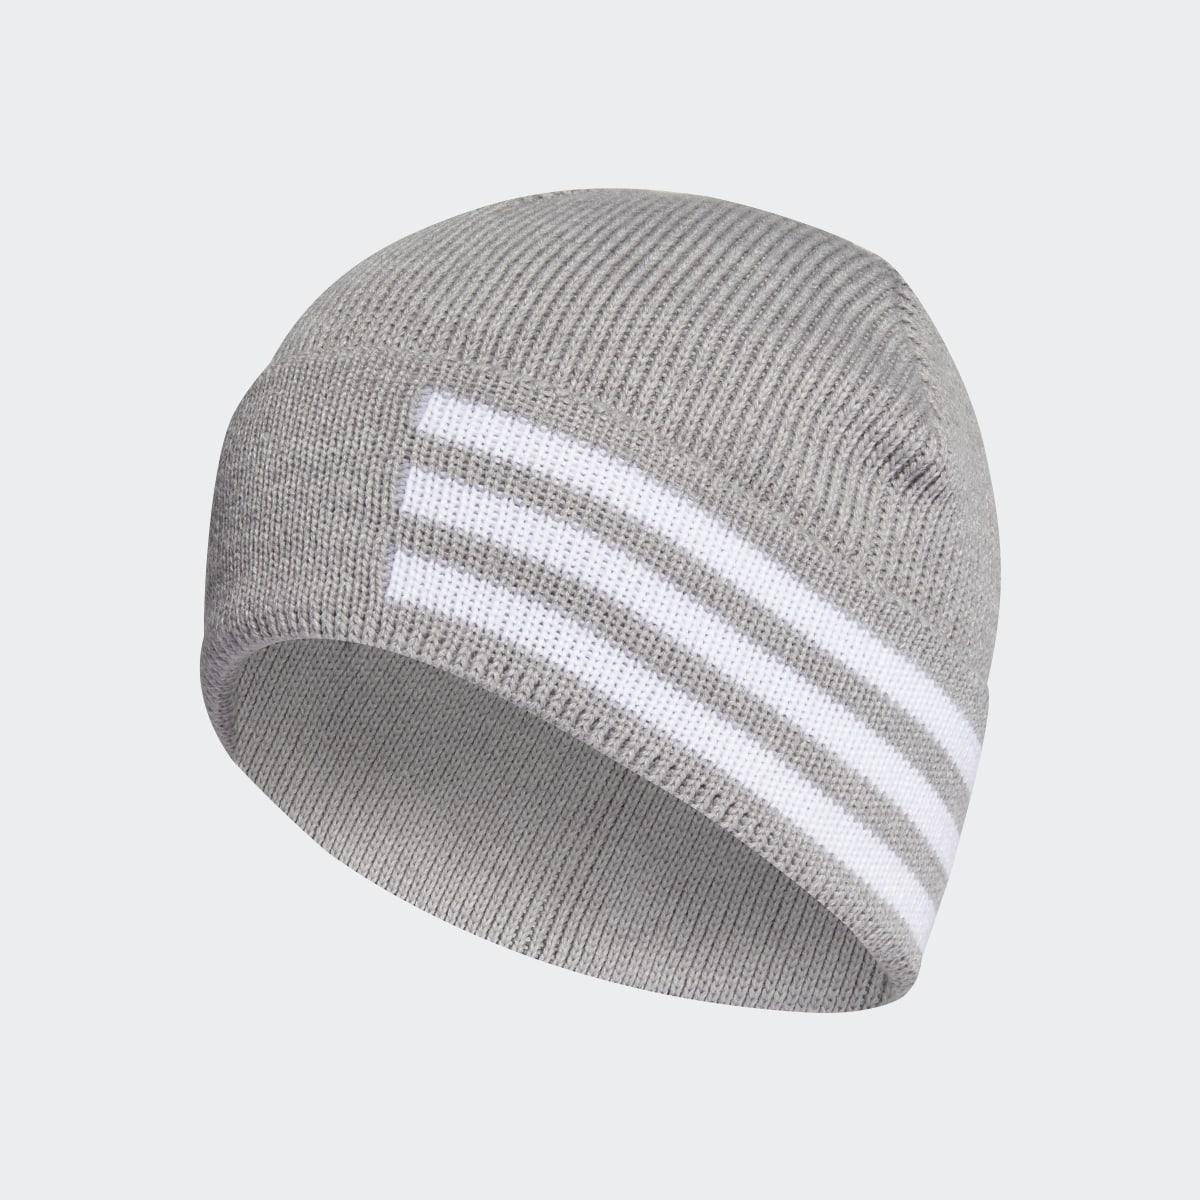 Bonnet en laine 3-Stripes